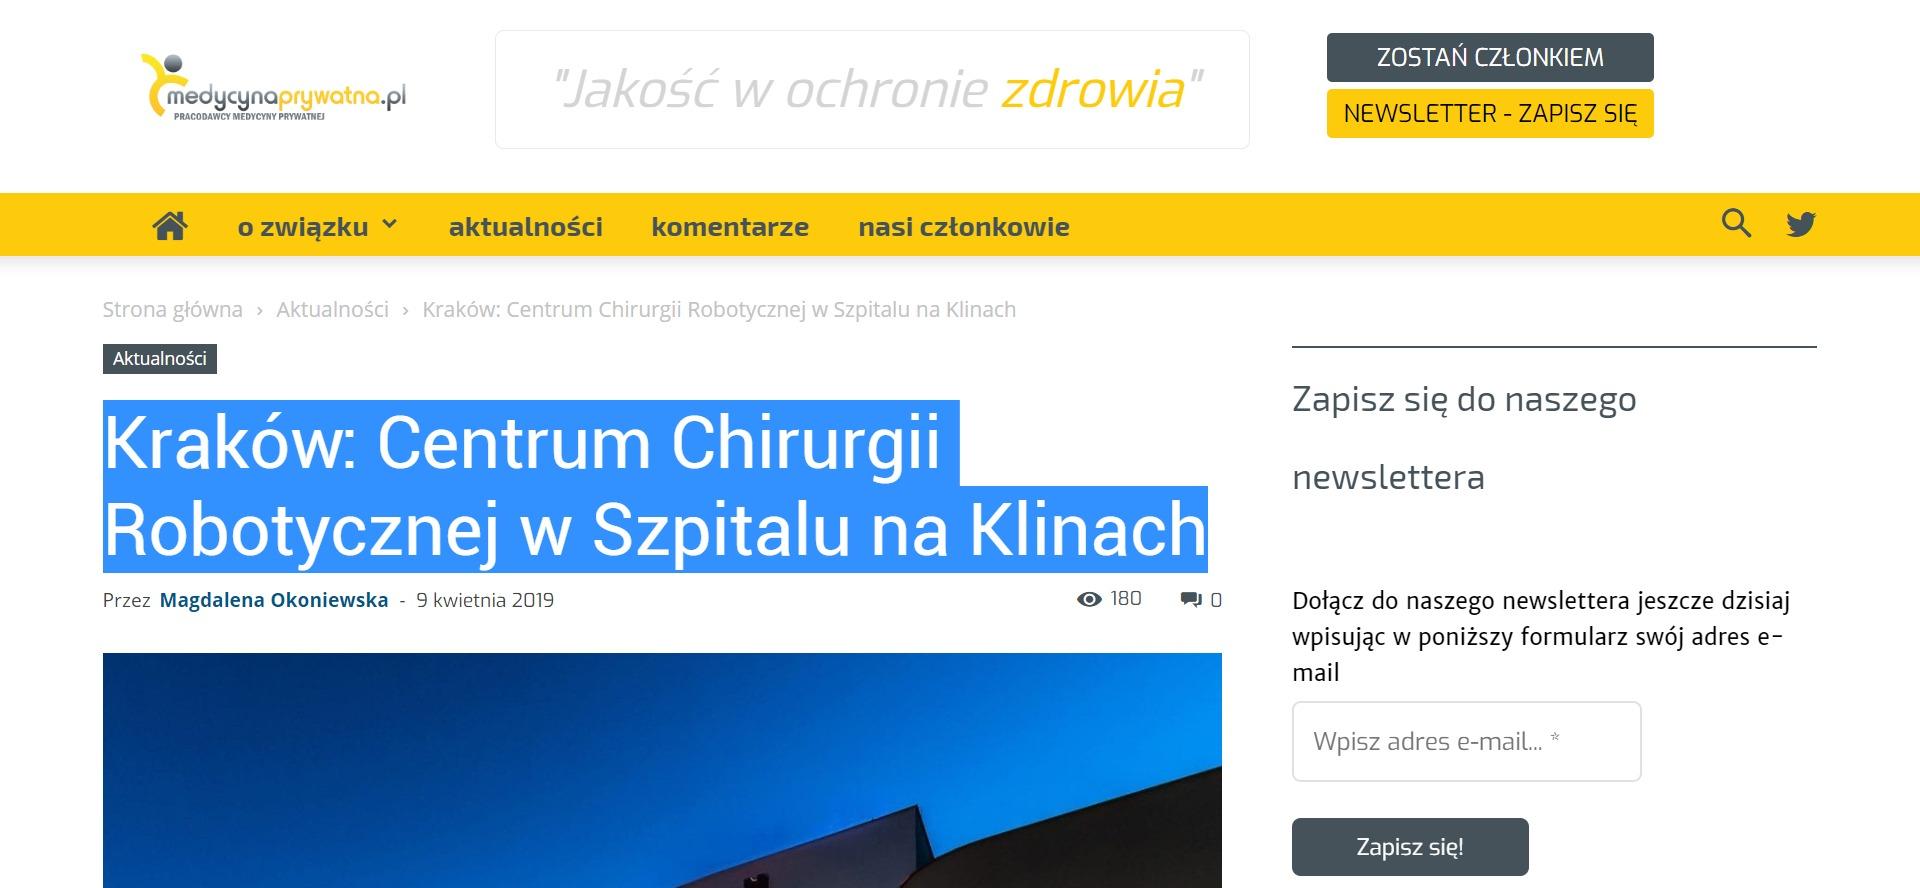 Kraków: Centrum Chirurgii Robotycznej w Szpitalu na Klinach